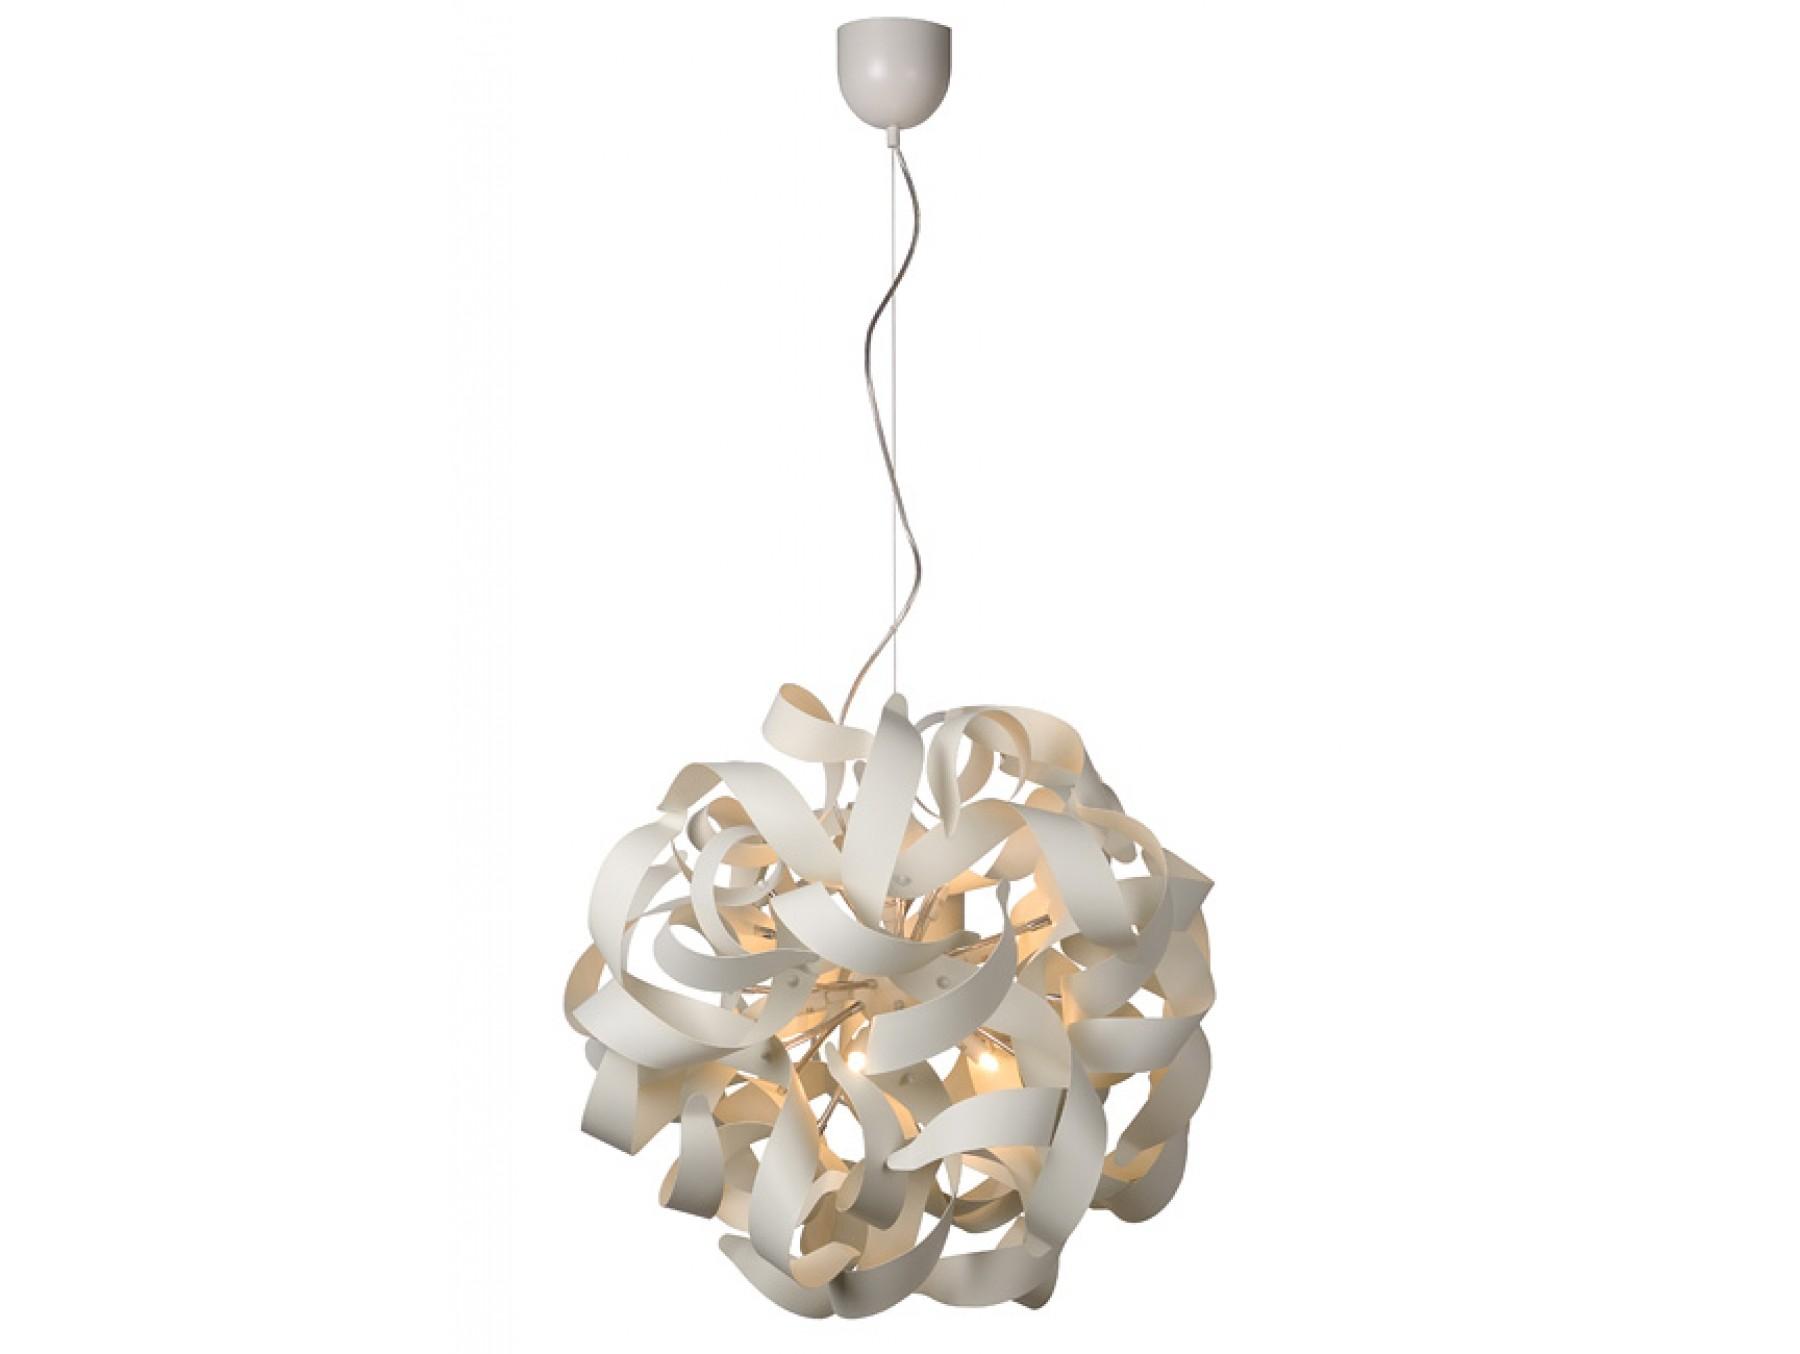 Подвесной светильник ATOMITAПодвесные светильники<br>основание: металл<br>плафон: металл/белый<br>диаметр: 65 см<br>высота: 130 см<br>G9, 33W, 12 лампочек (в комплекте)<br><br>Material: Металл<br>Height см: 130<br>Diameter см: 65